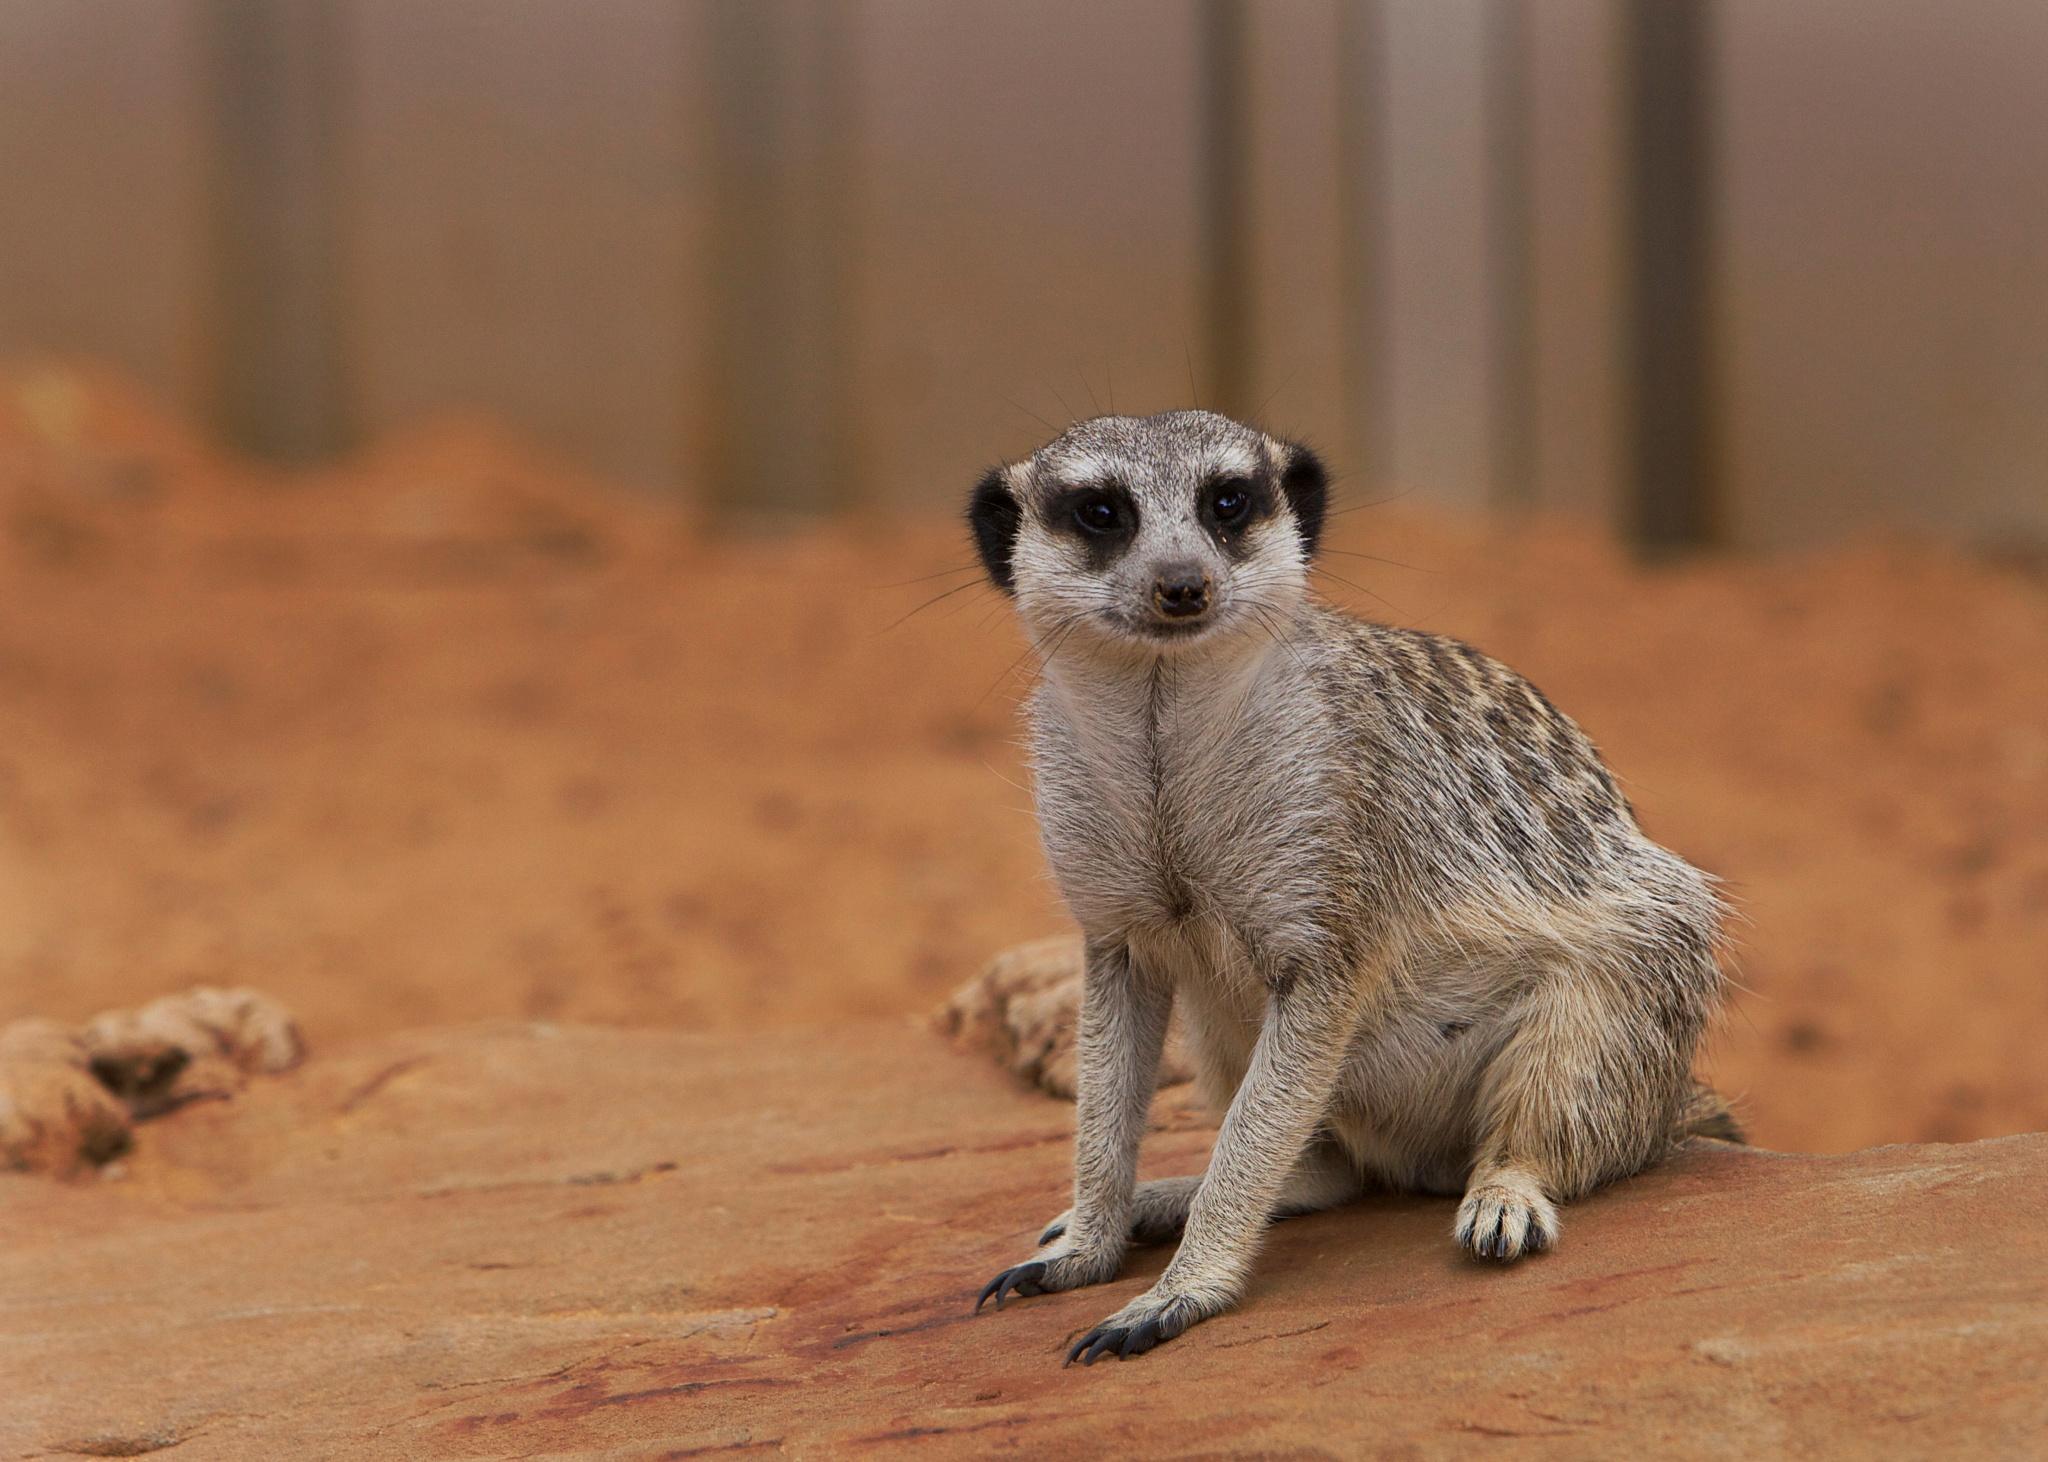 Meerkat by RobbieP